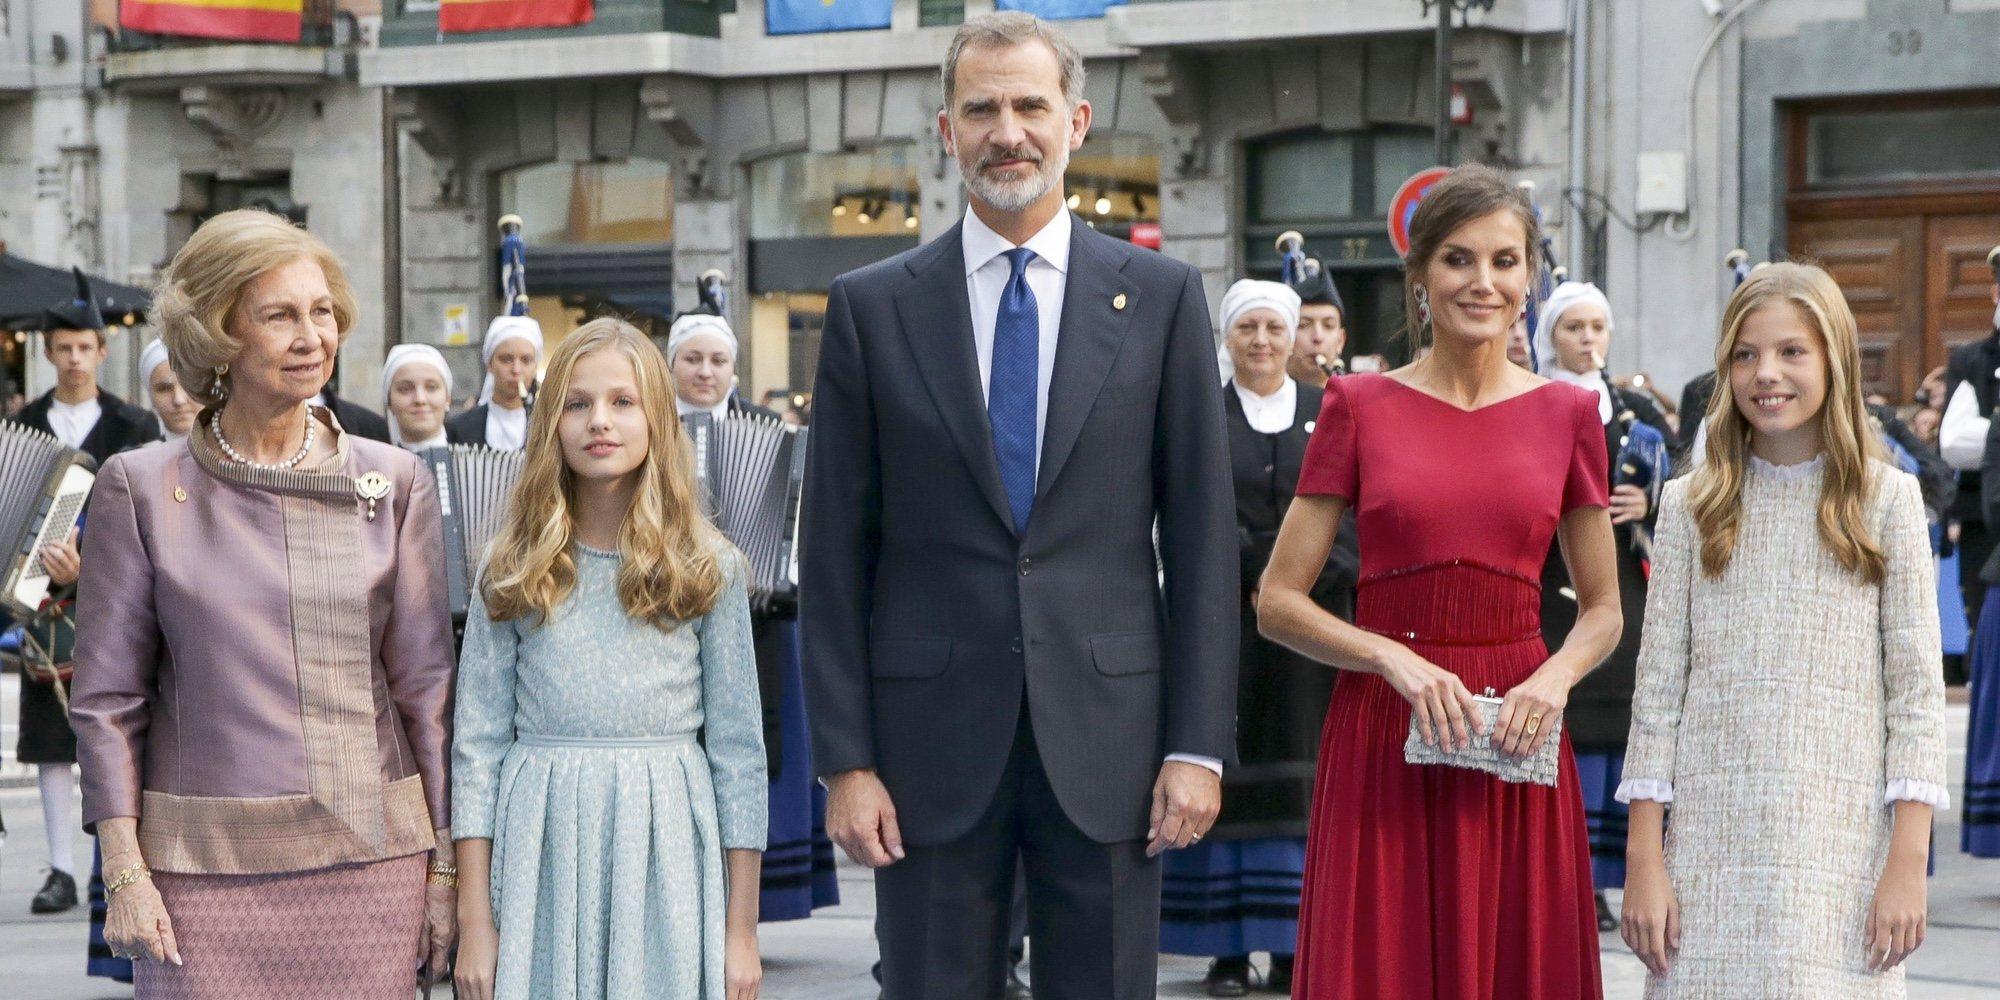 Premios Princesa de Asturias 2019: referencias familiares, el perfecto inglés de la Princesa Leonor y otras anécdotas